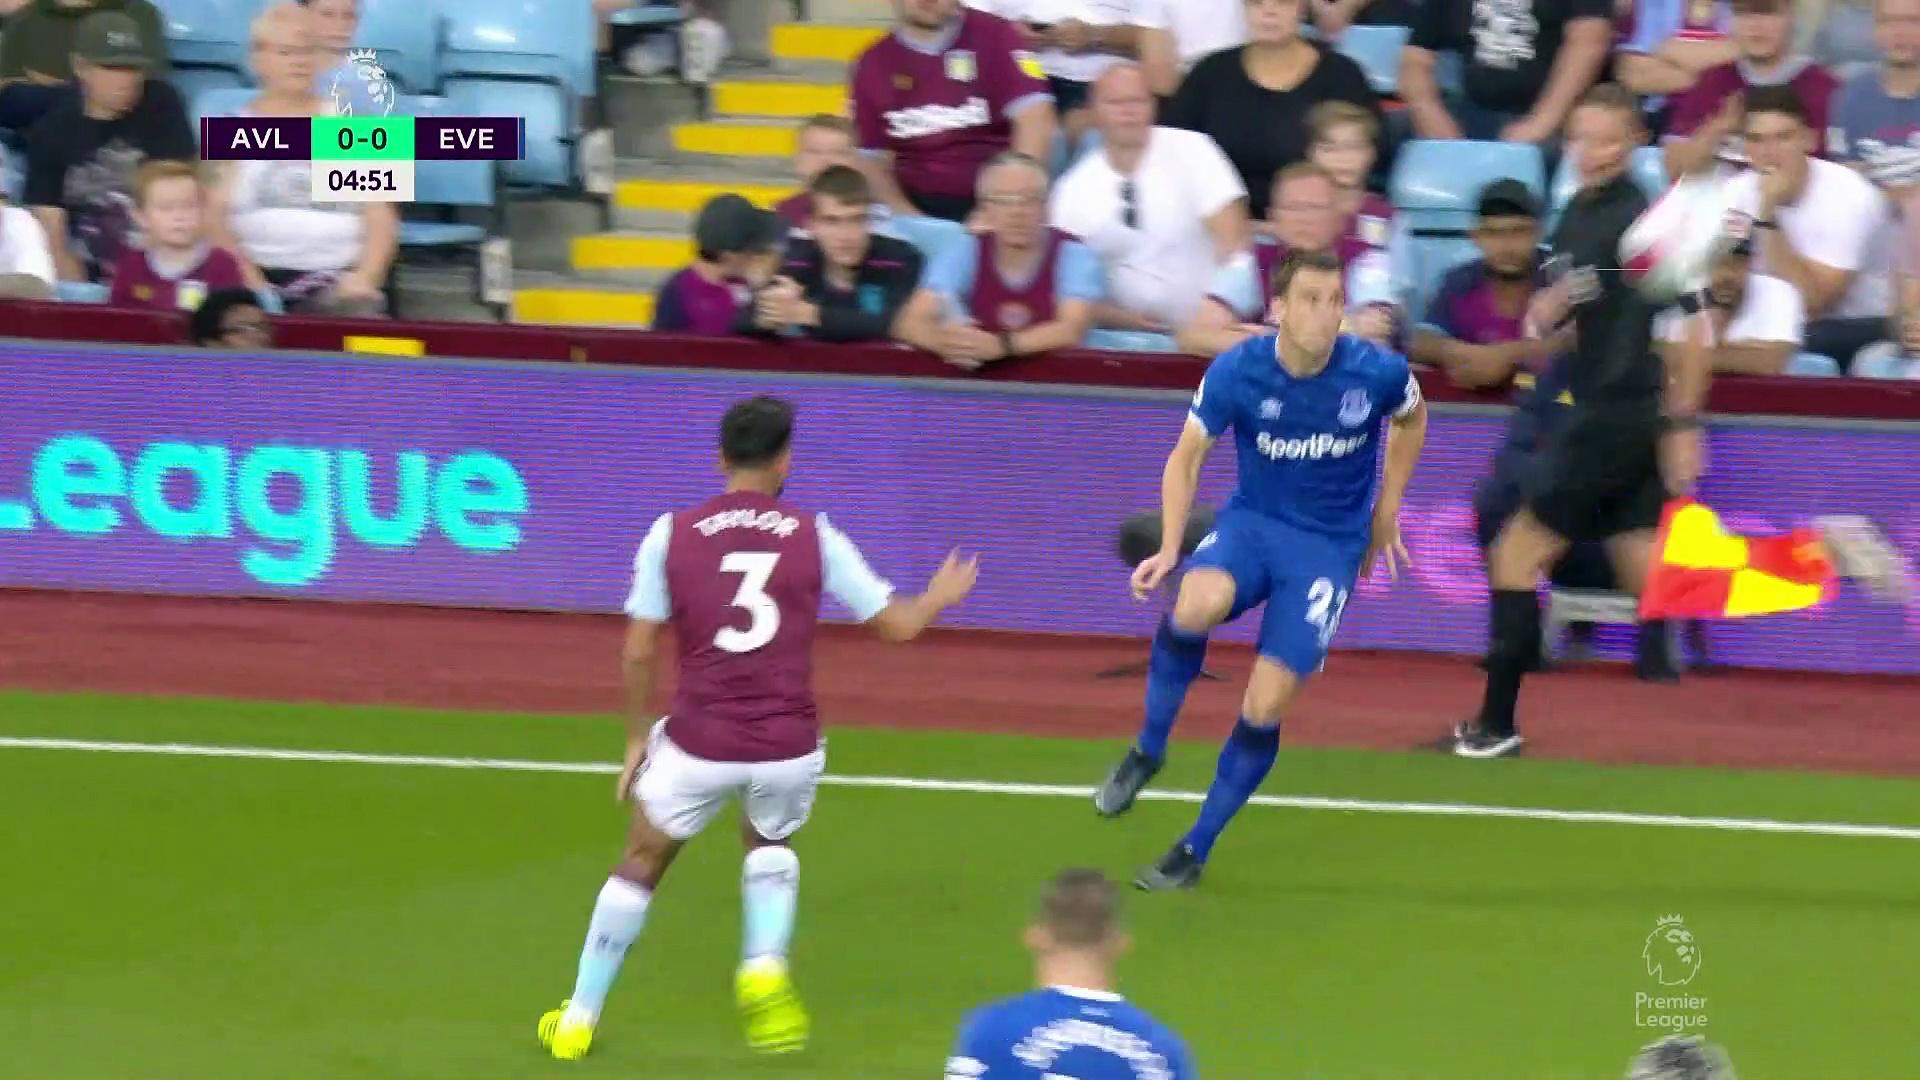 3. Hafta / Aston Villa - Everton: 2-0 (Özet)